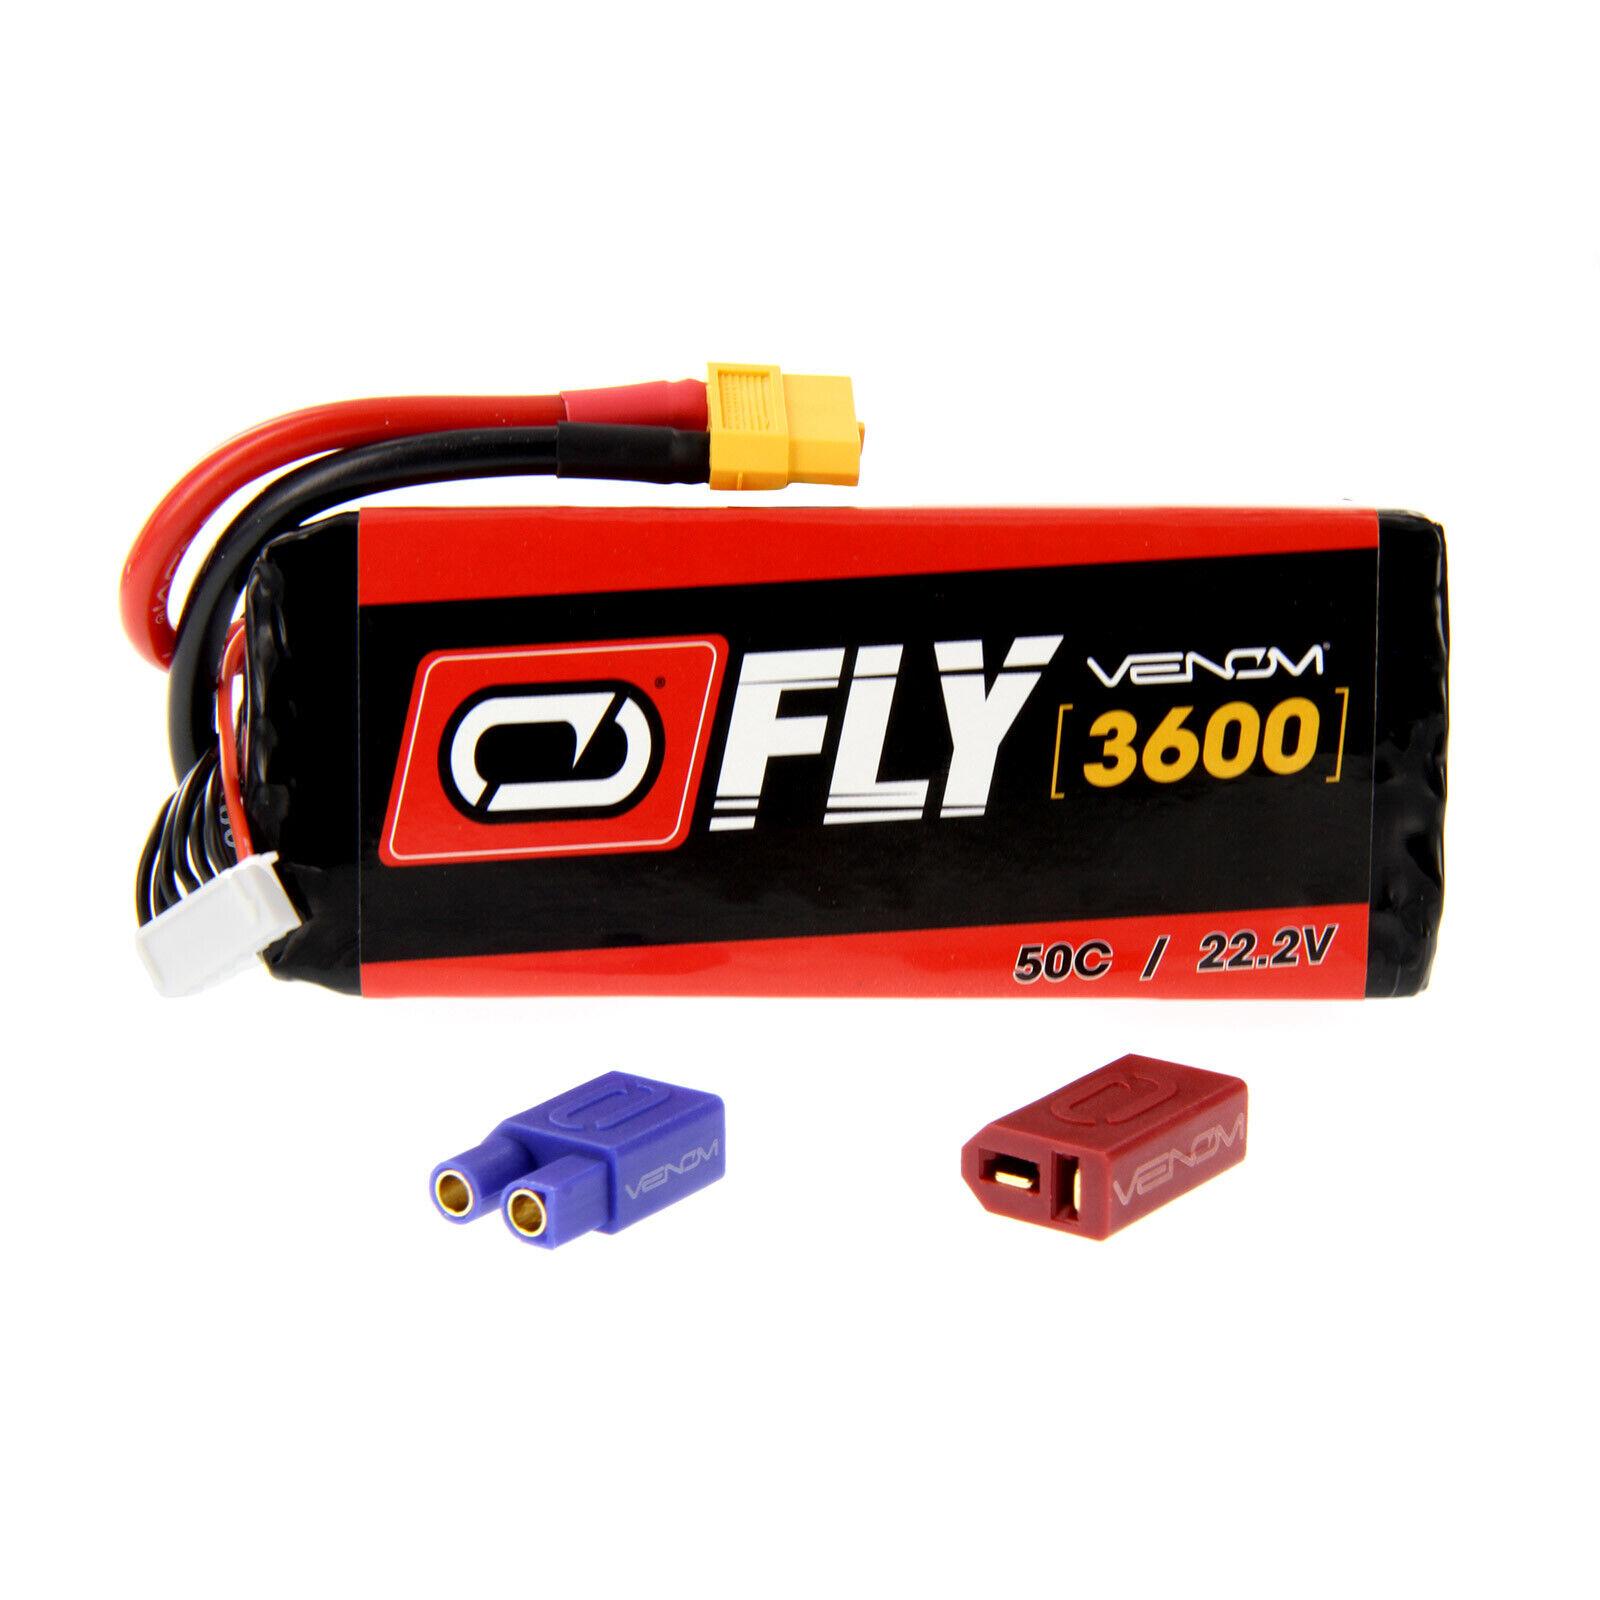 Great Planes Reactor 3D 50C 6S 3600mAh  22.2V LiPo Battery by Venom  comprare a buon mercato